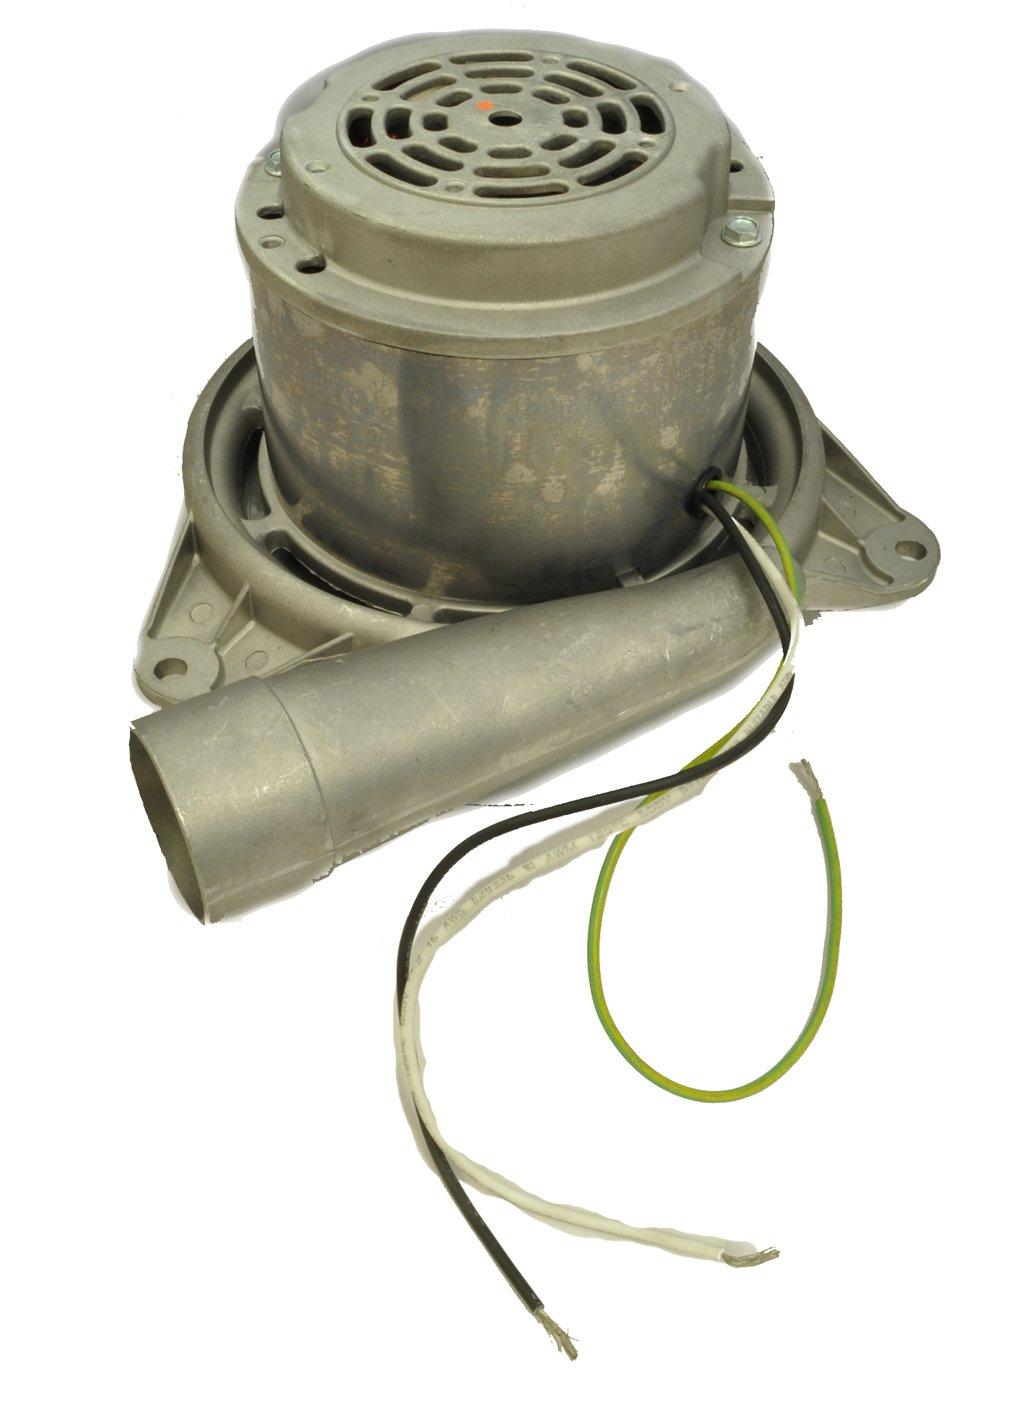 Lamb Ametek Vacuum Cleaner Motor L 115334